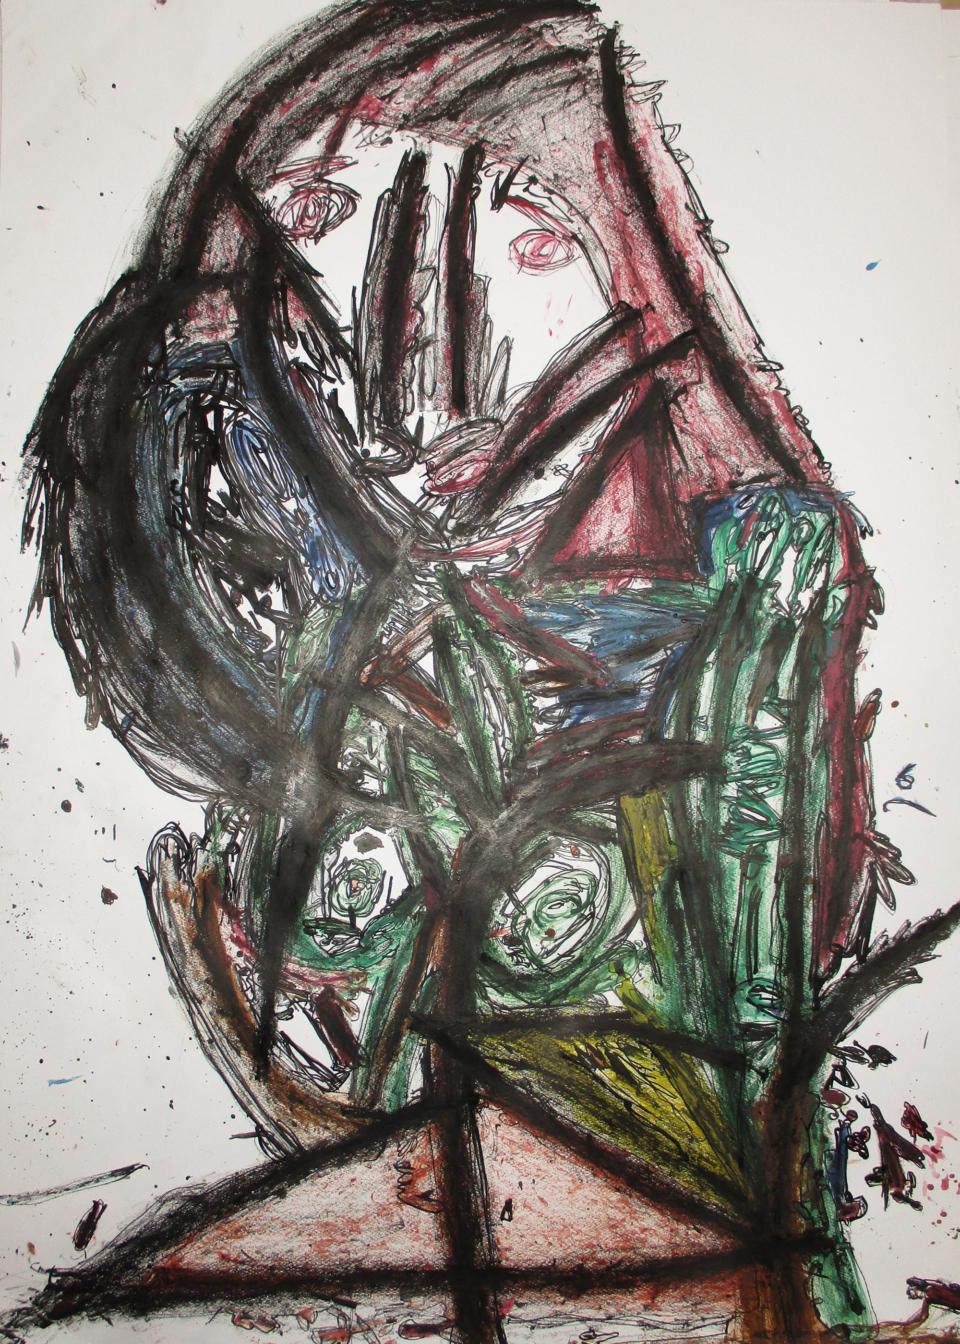 (写真について)《女の人》2015 絵の具、墨汁、紙 Courtesy of the artist and ATELIER YAMANAMI